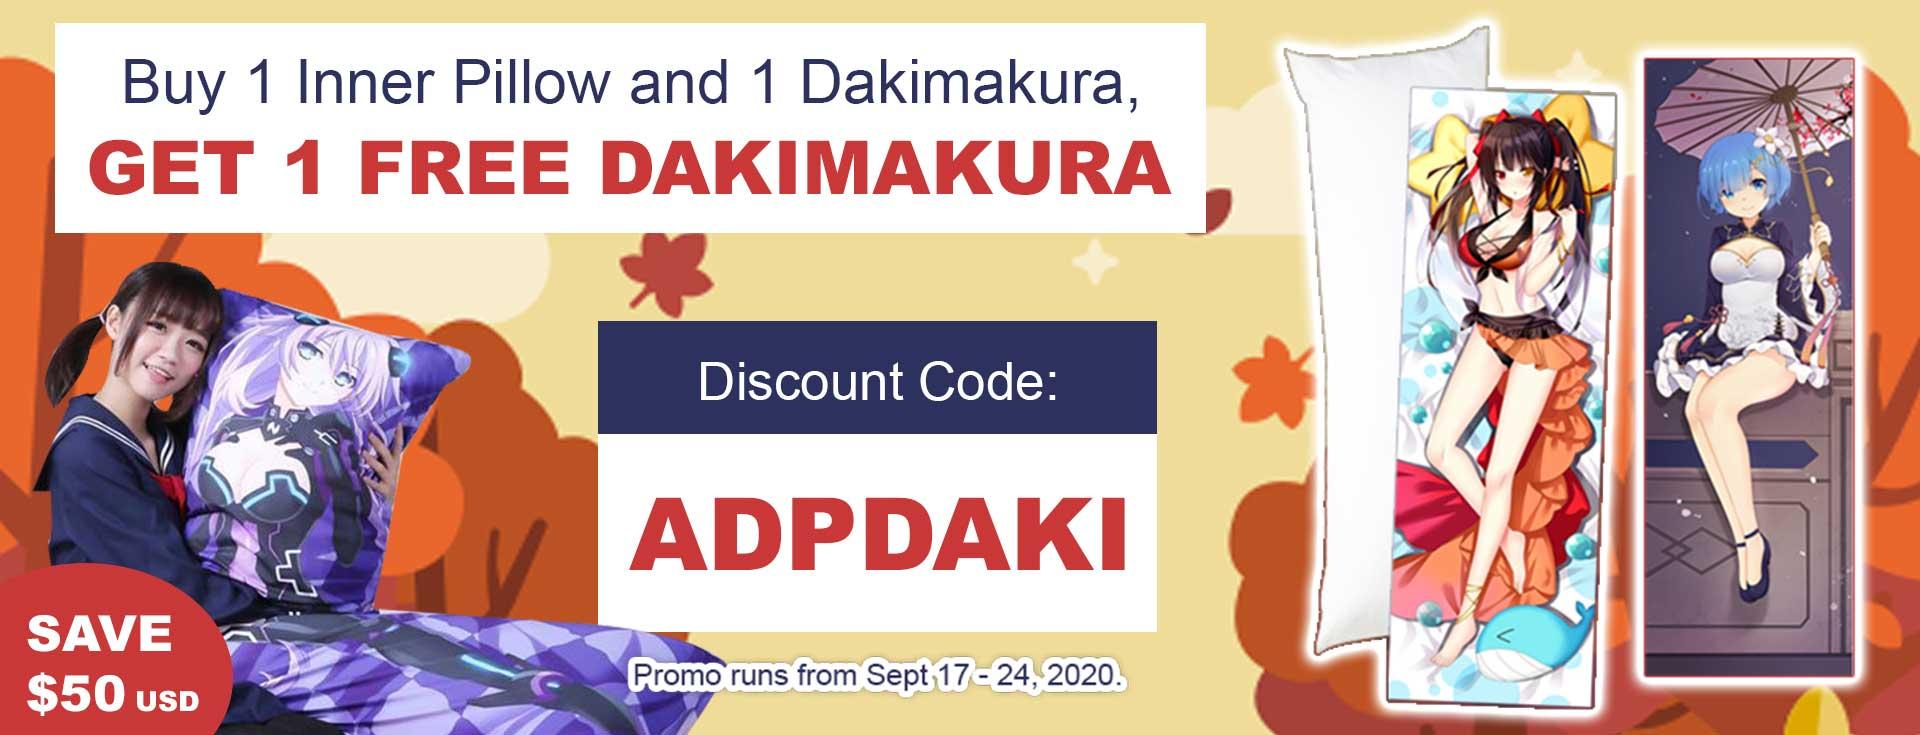 Dakimakura Promotion